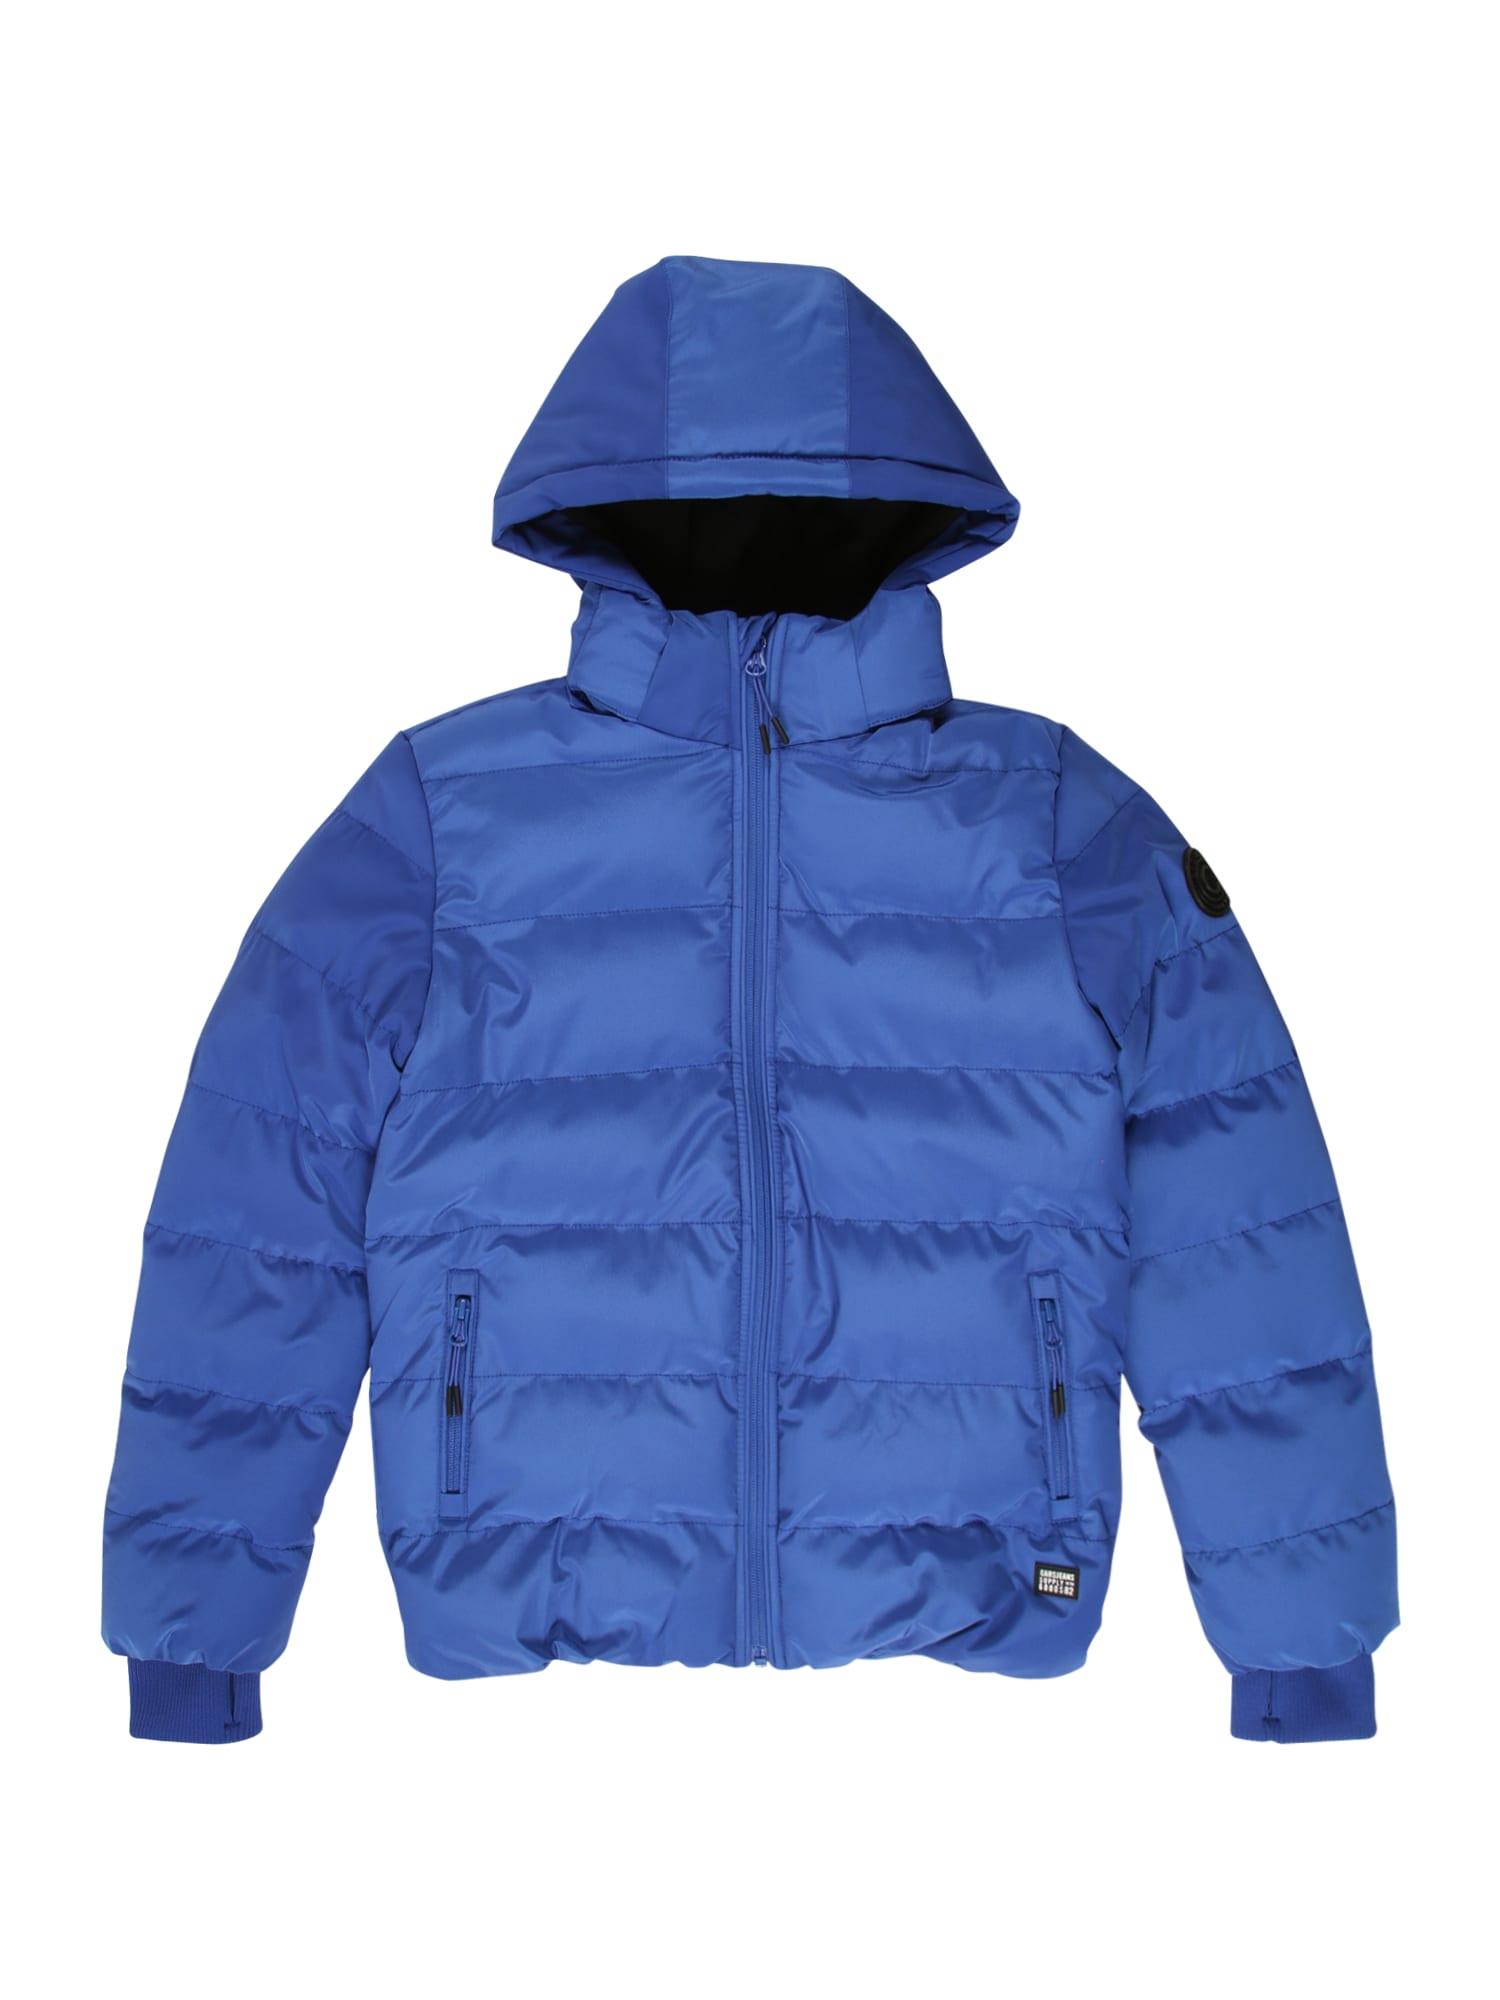 Cars Jeans Žieminė striukė 'RAINEY' kobalto mėlyna